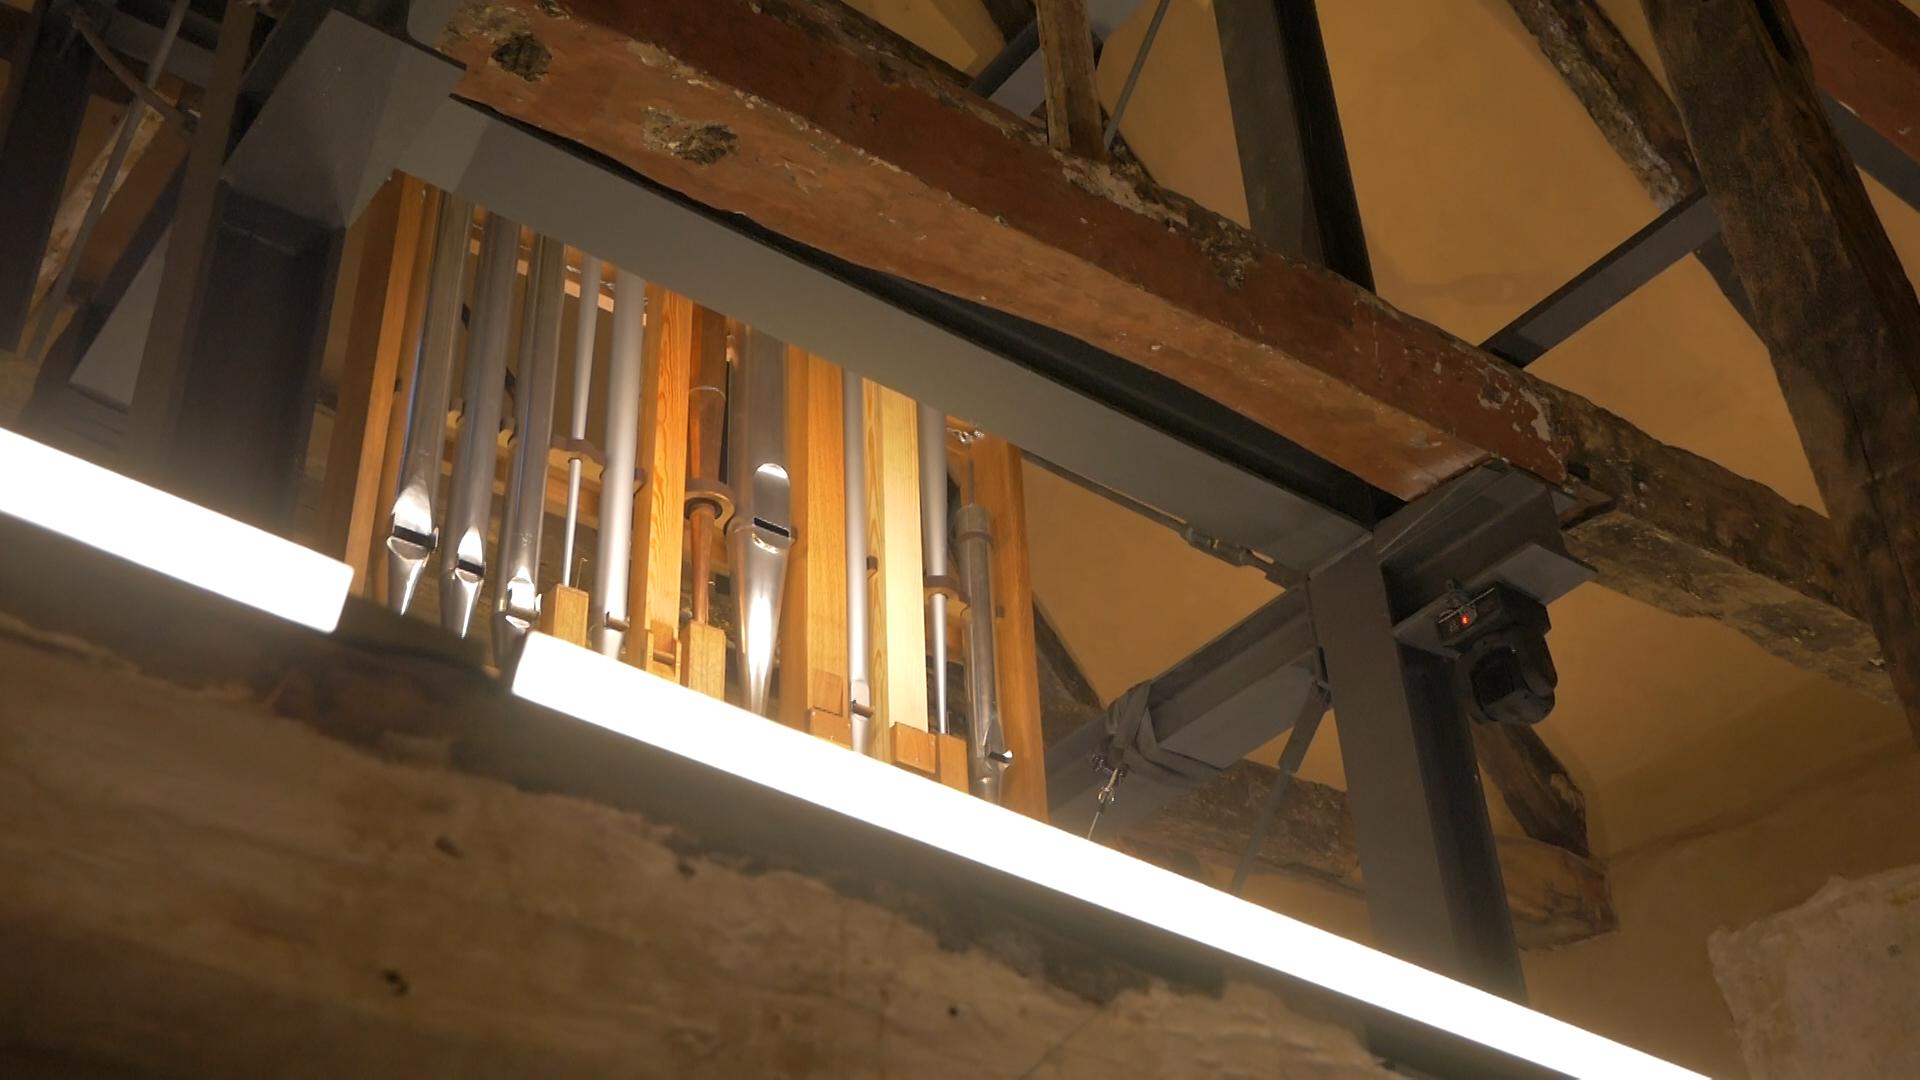 """Die Orgel, eines der zentralen Exponate der Ausstellung """"Ihr wisst mehr, als ihr denkt!"""". (Foto: Wiebken Nagel)"""